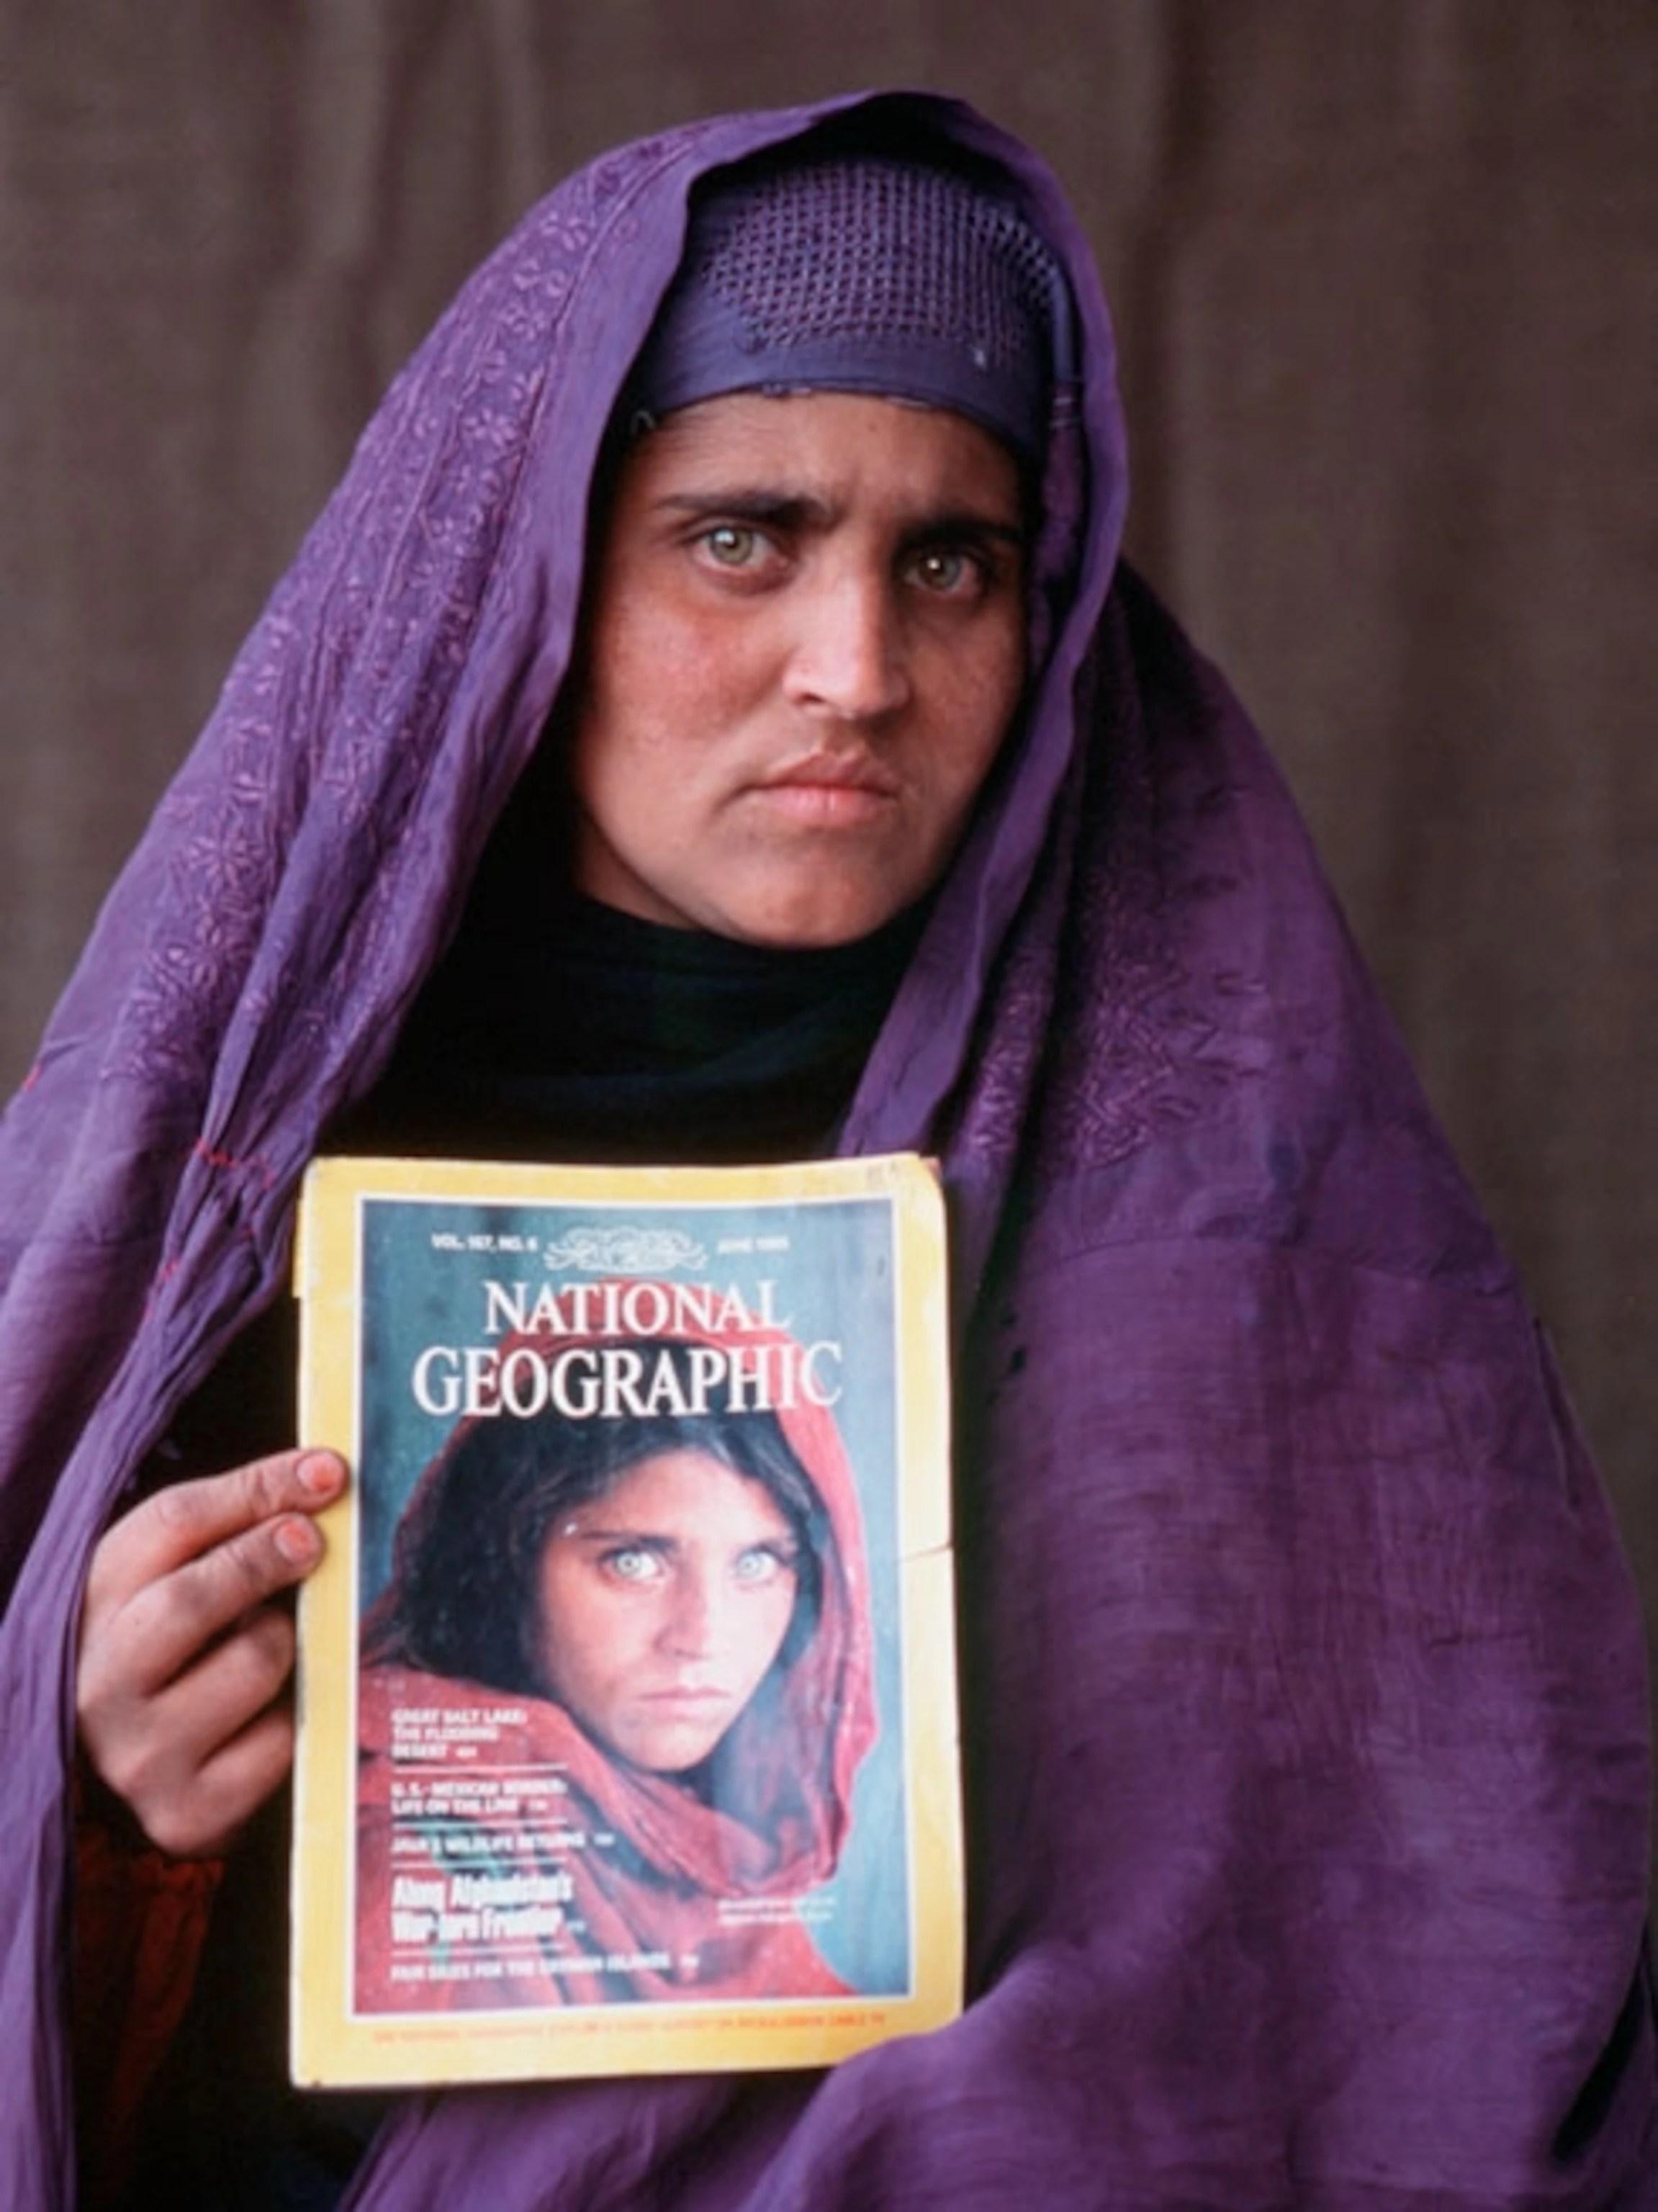 Policie po muži původně pátrala. The Afghan Girl A Life Revealed